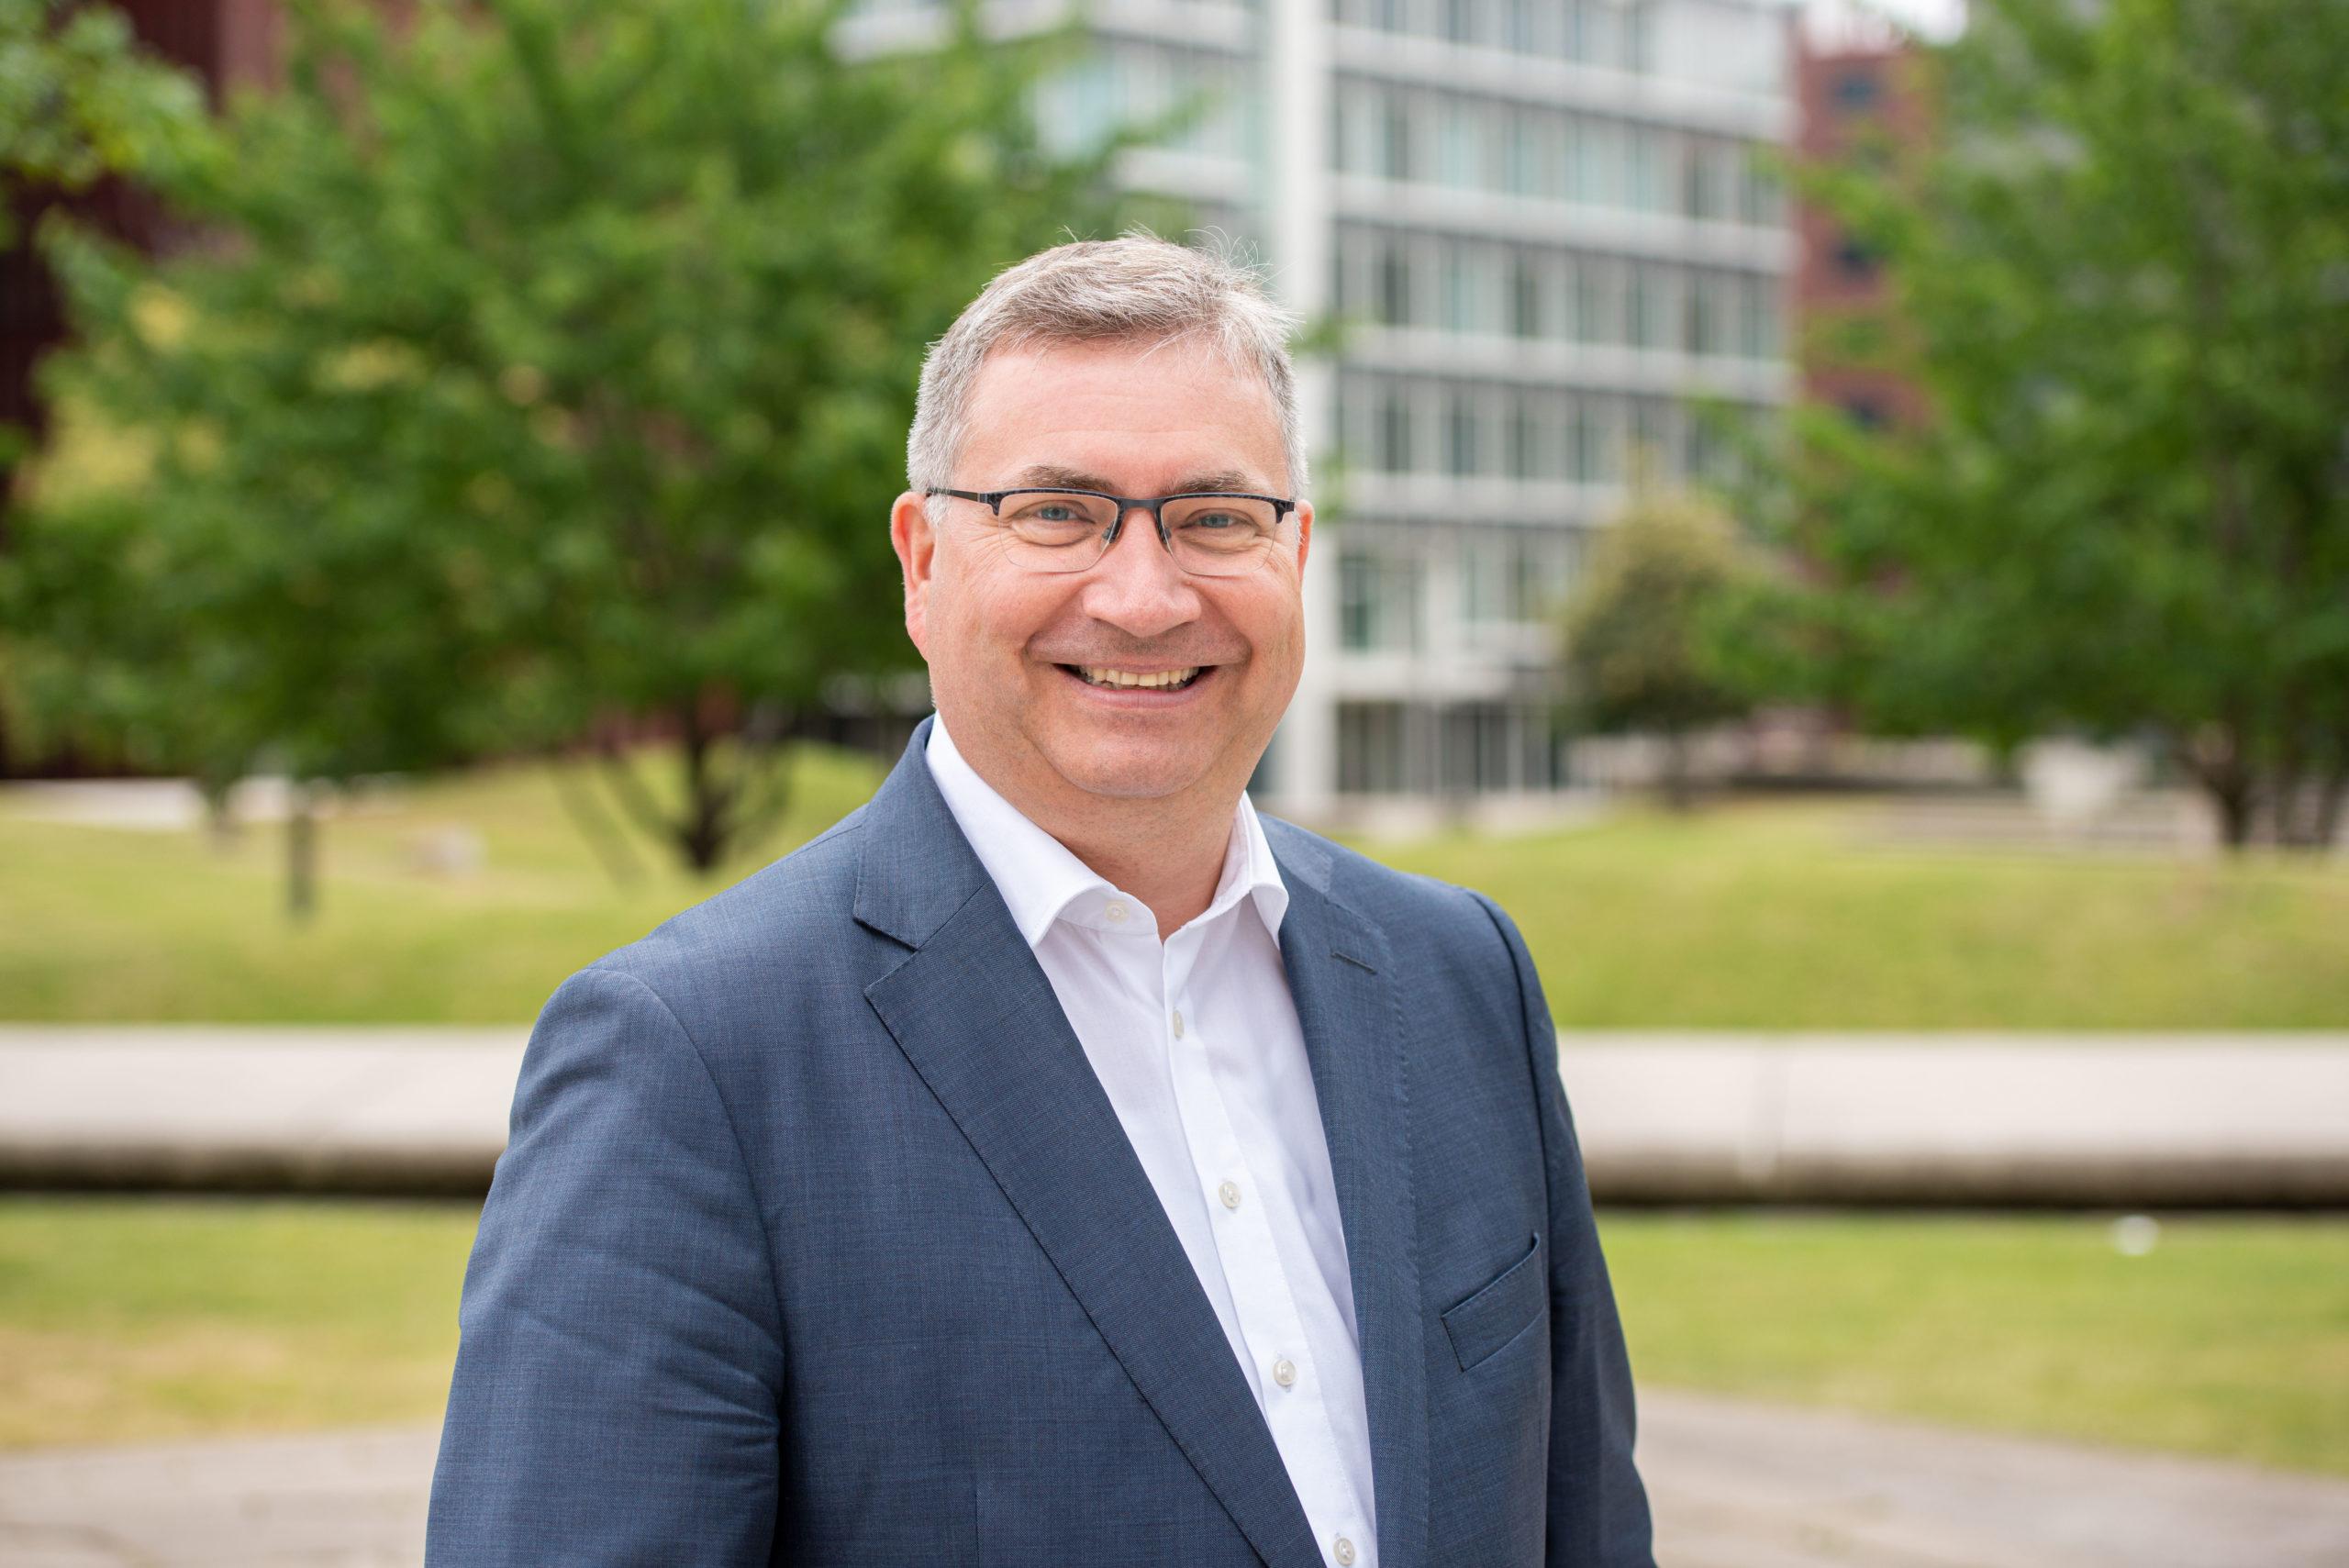 Christoph Vogt